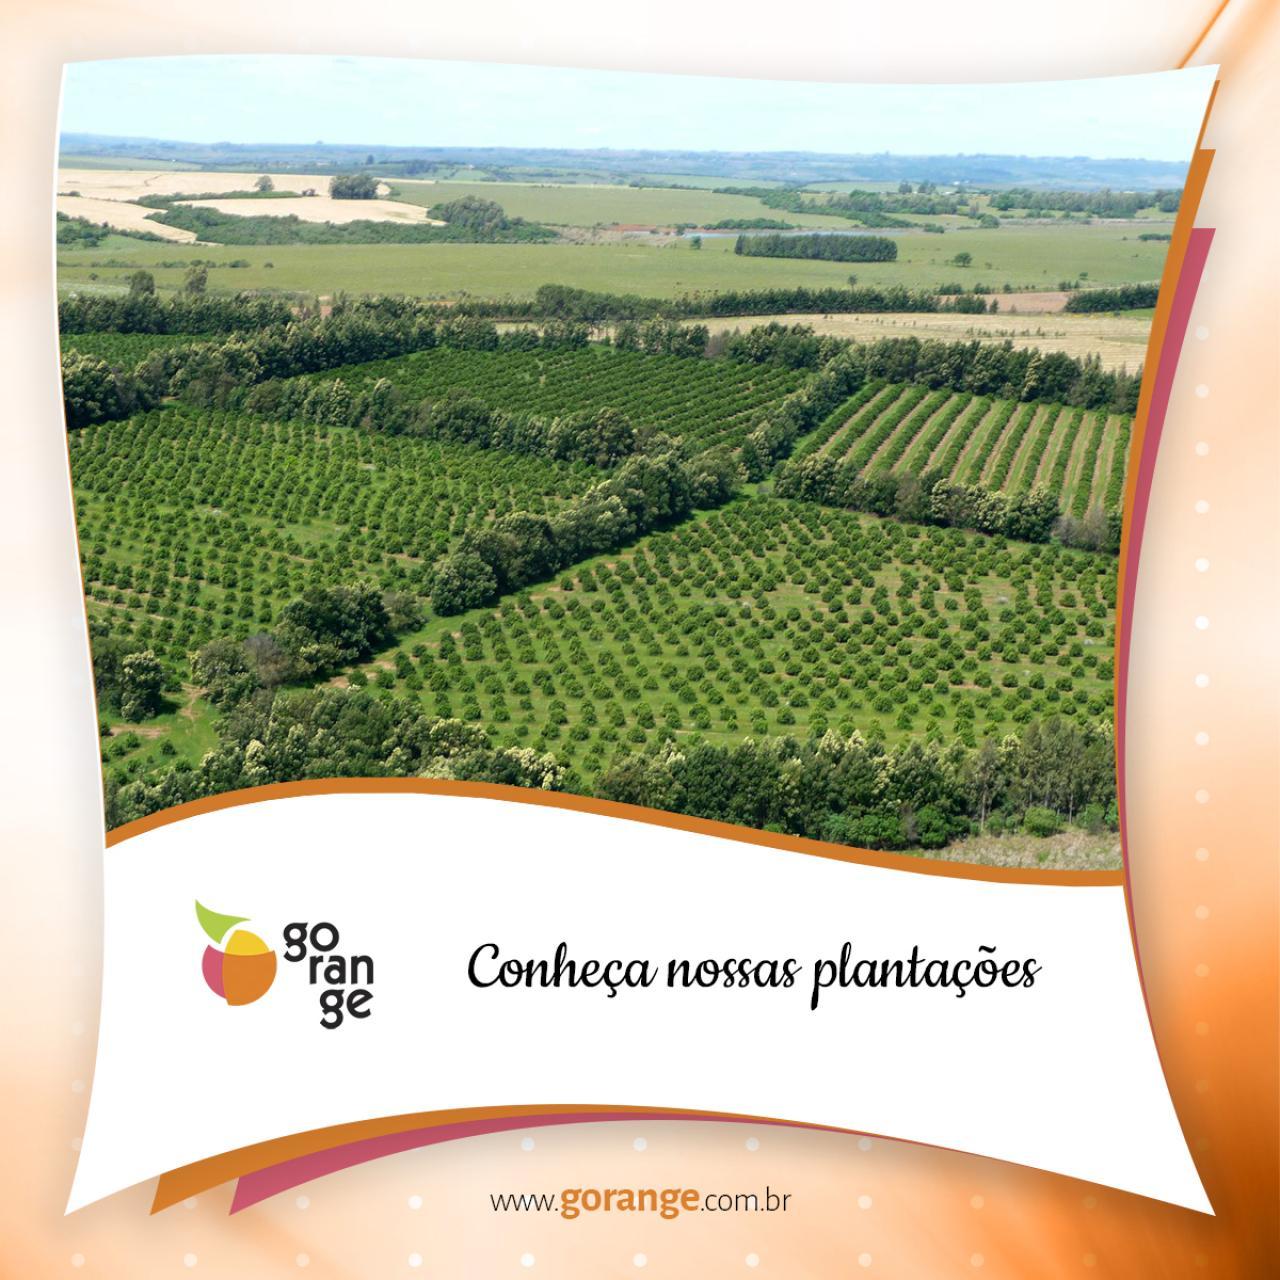 Conheça nossas plantações